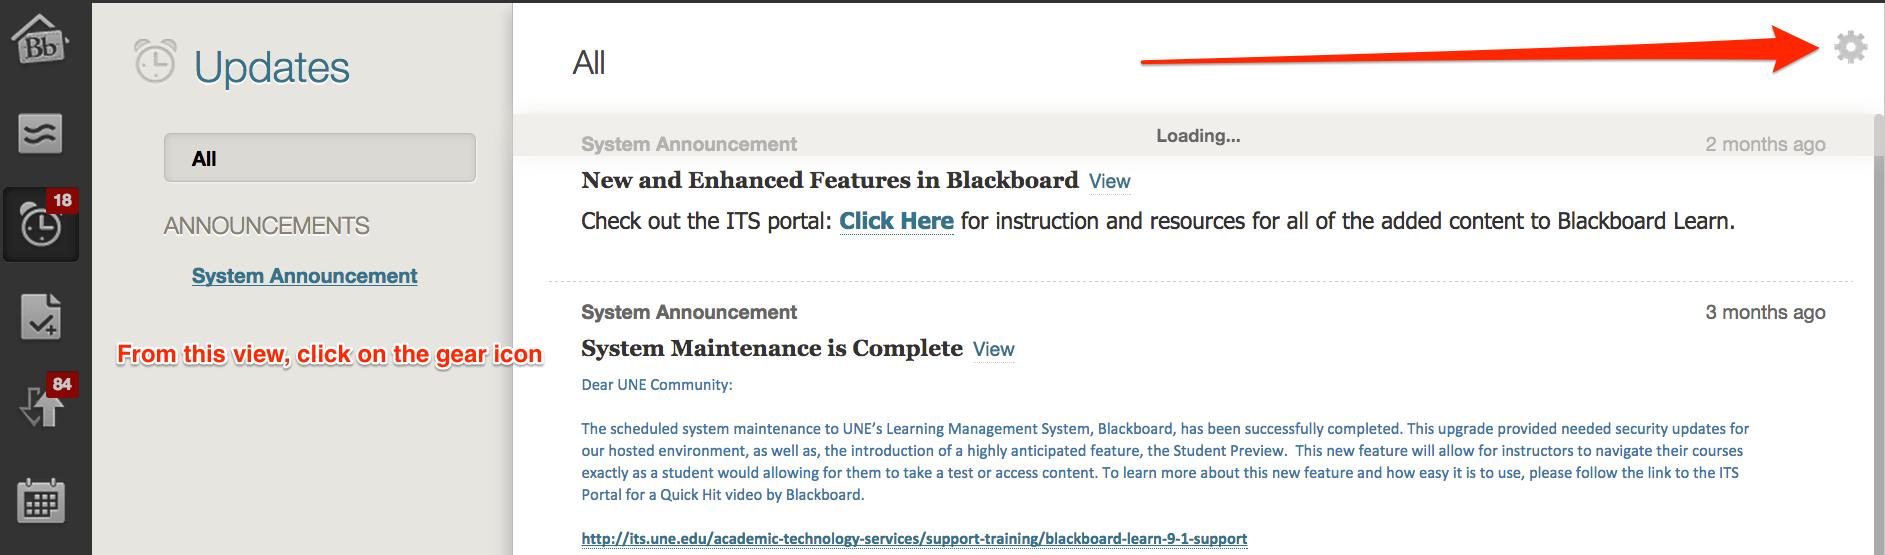 My_Blackboard_Content_–_Blackboard_Learn